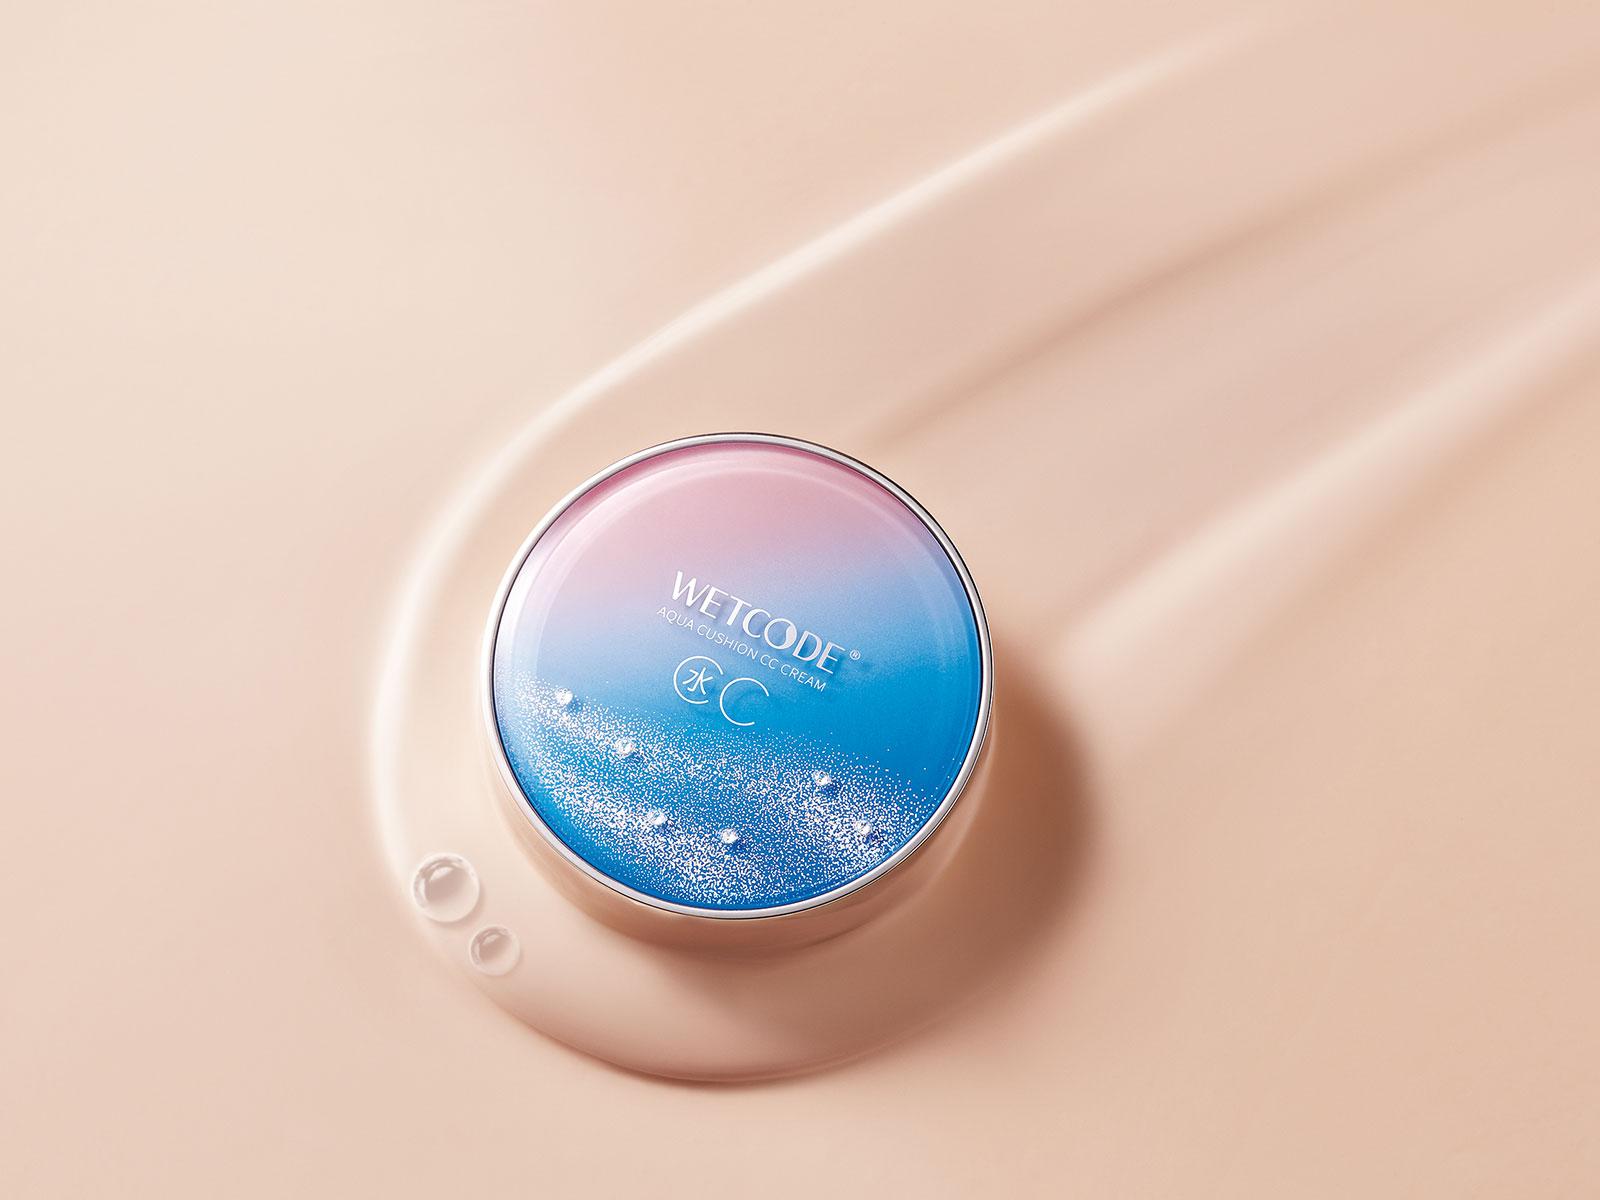 水密码气垫水CC